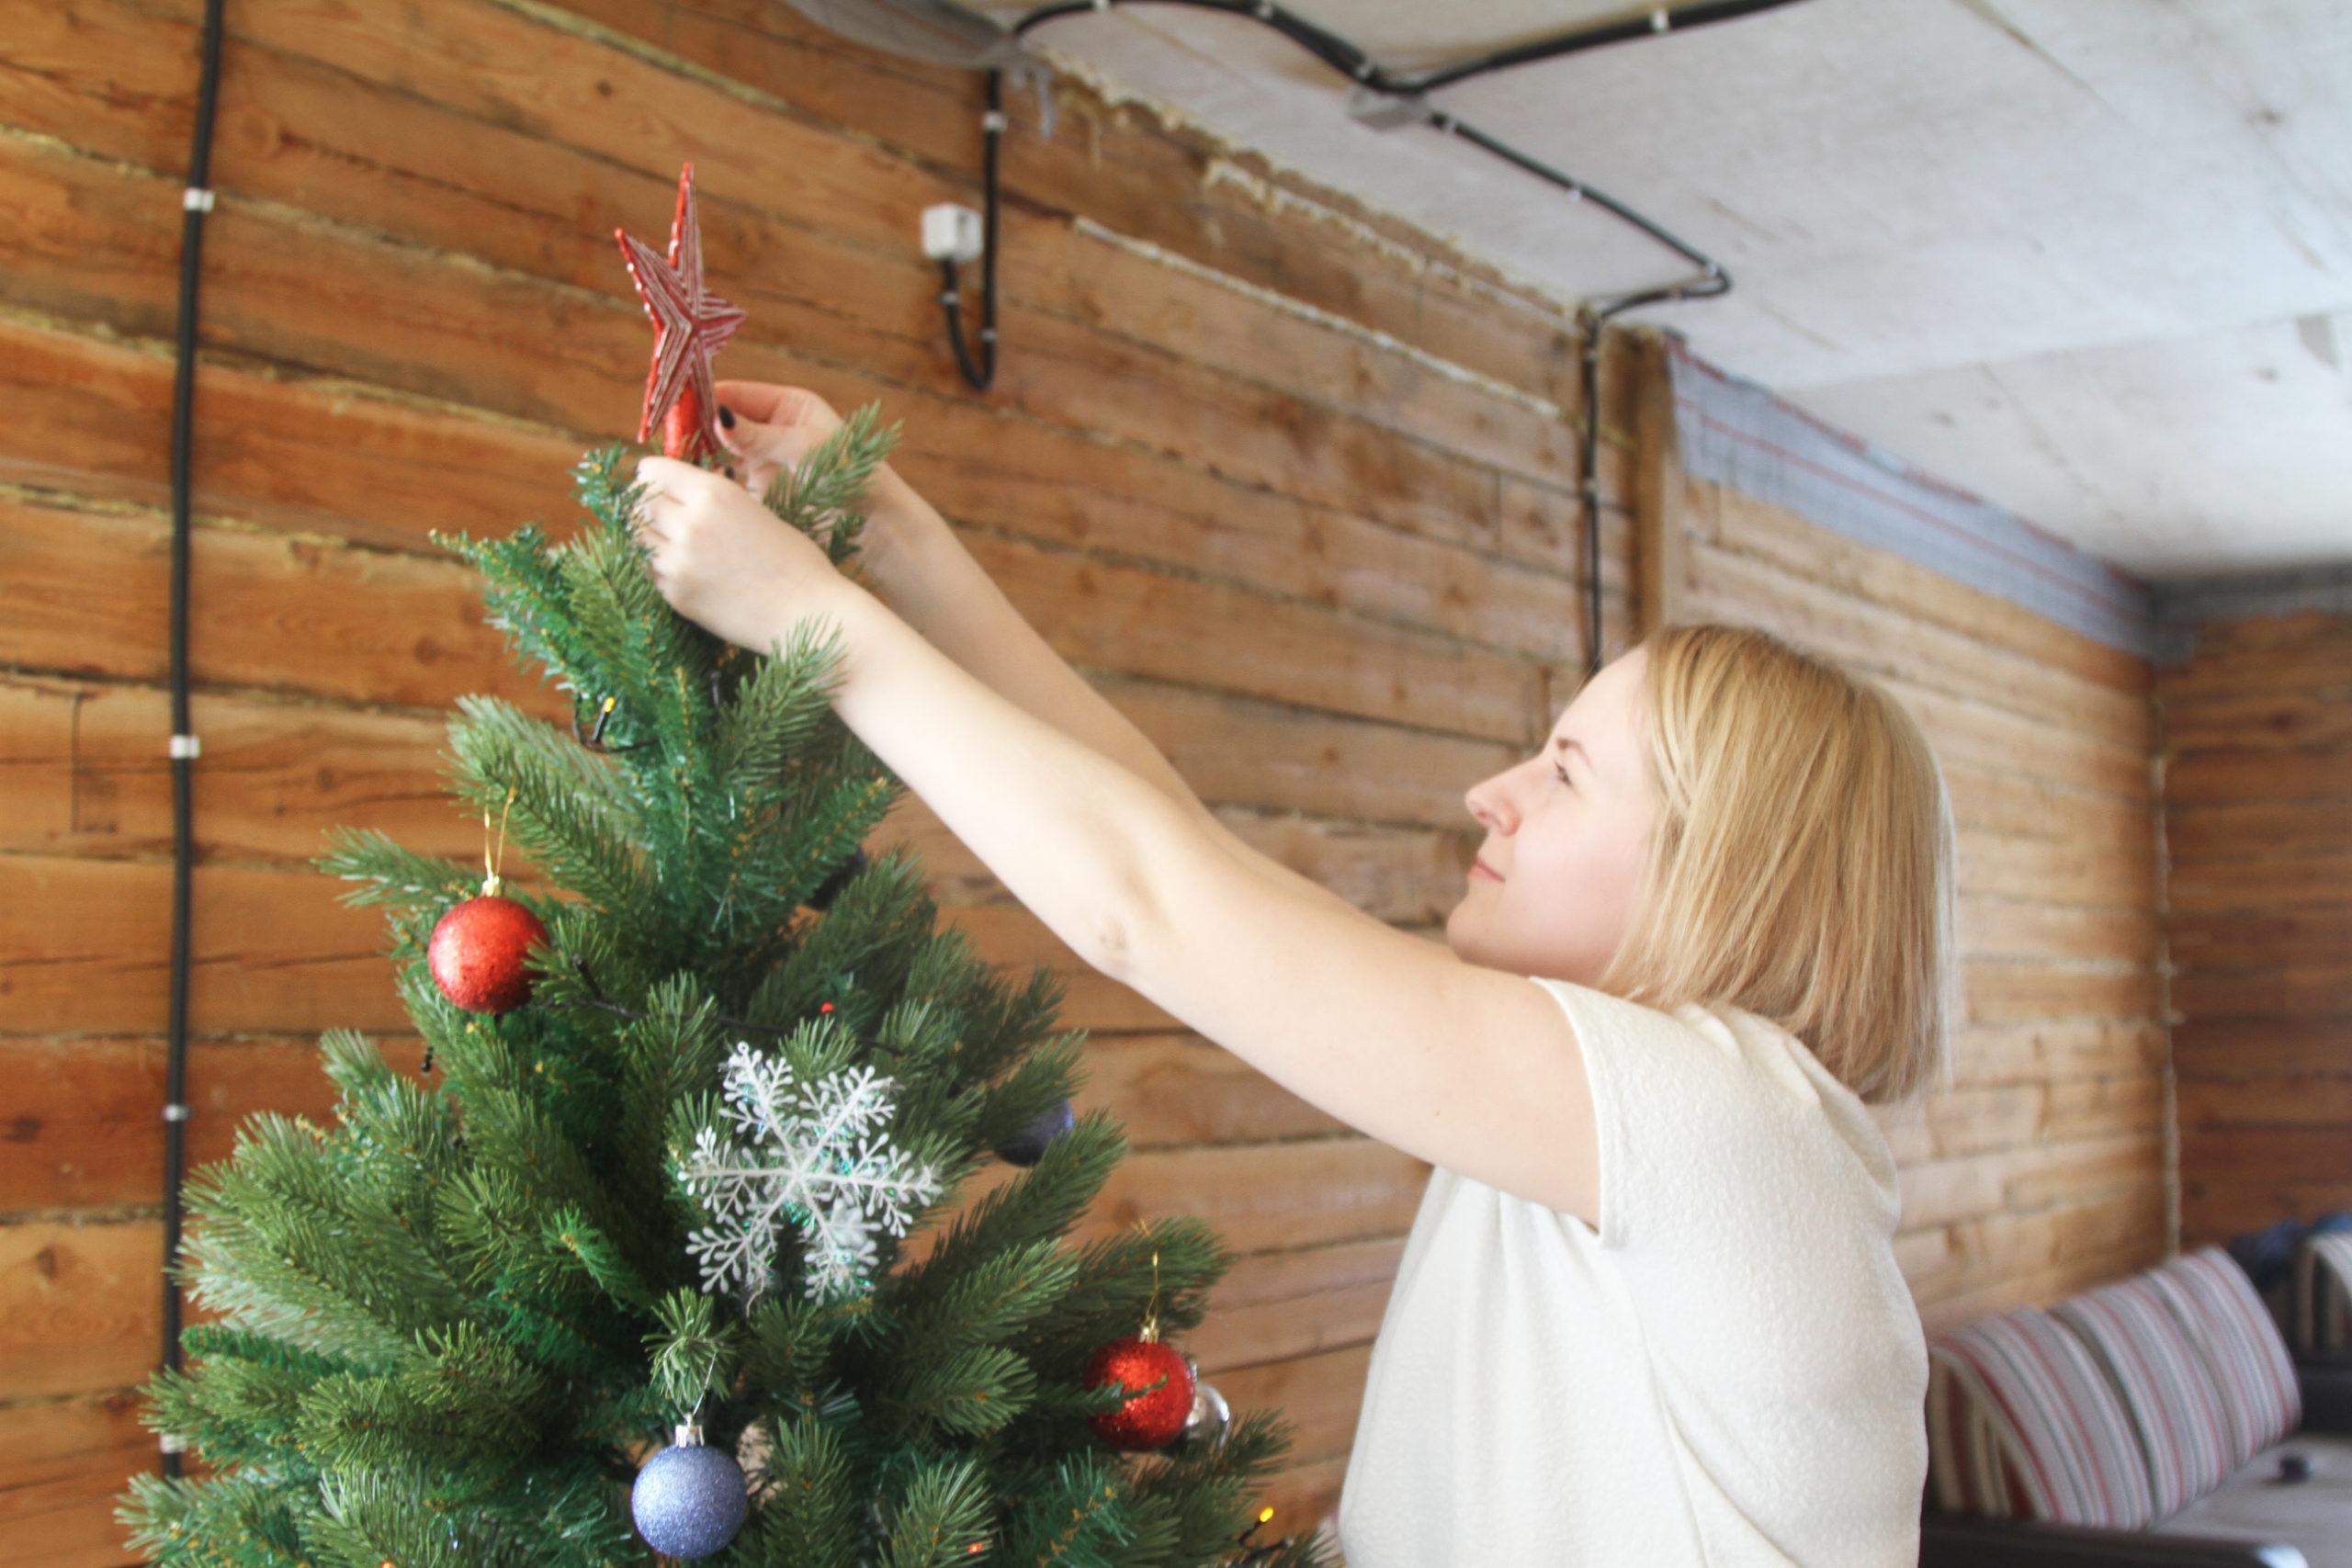 Почему нельзя сажать елки на участке: приметы, мнения экспертов, правила